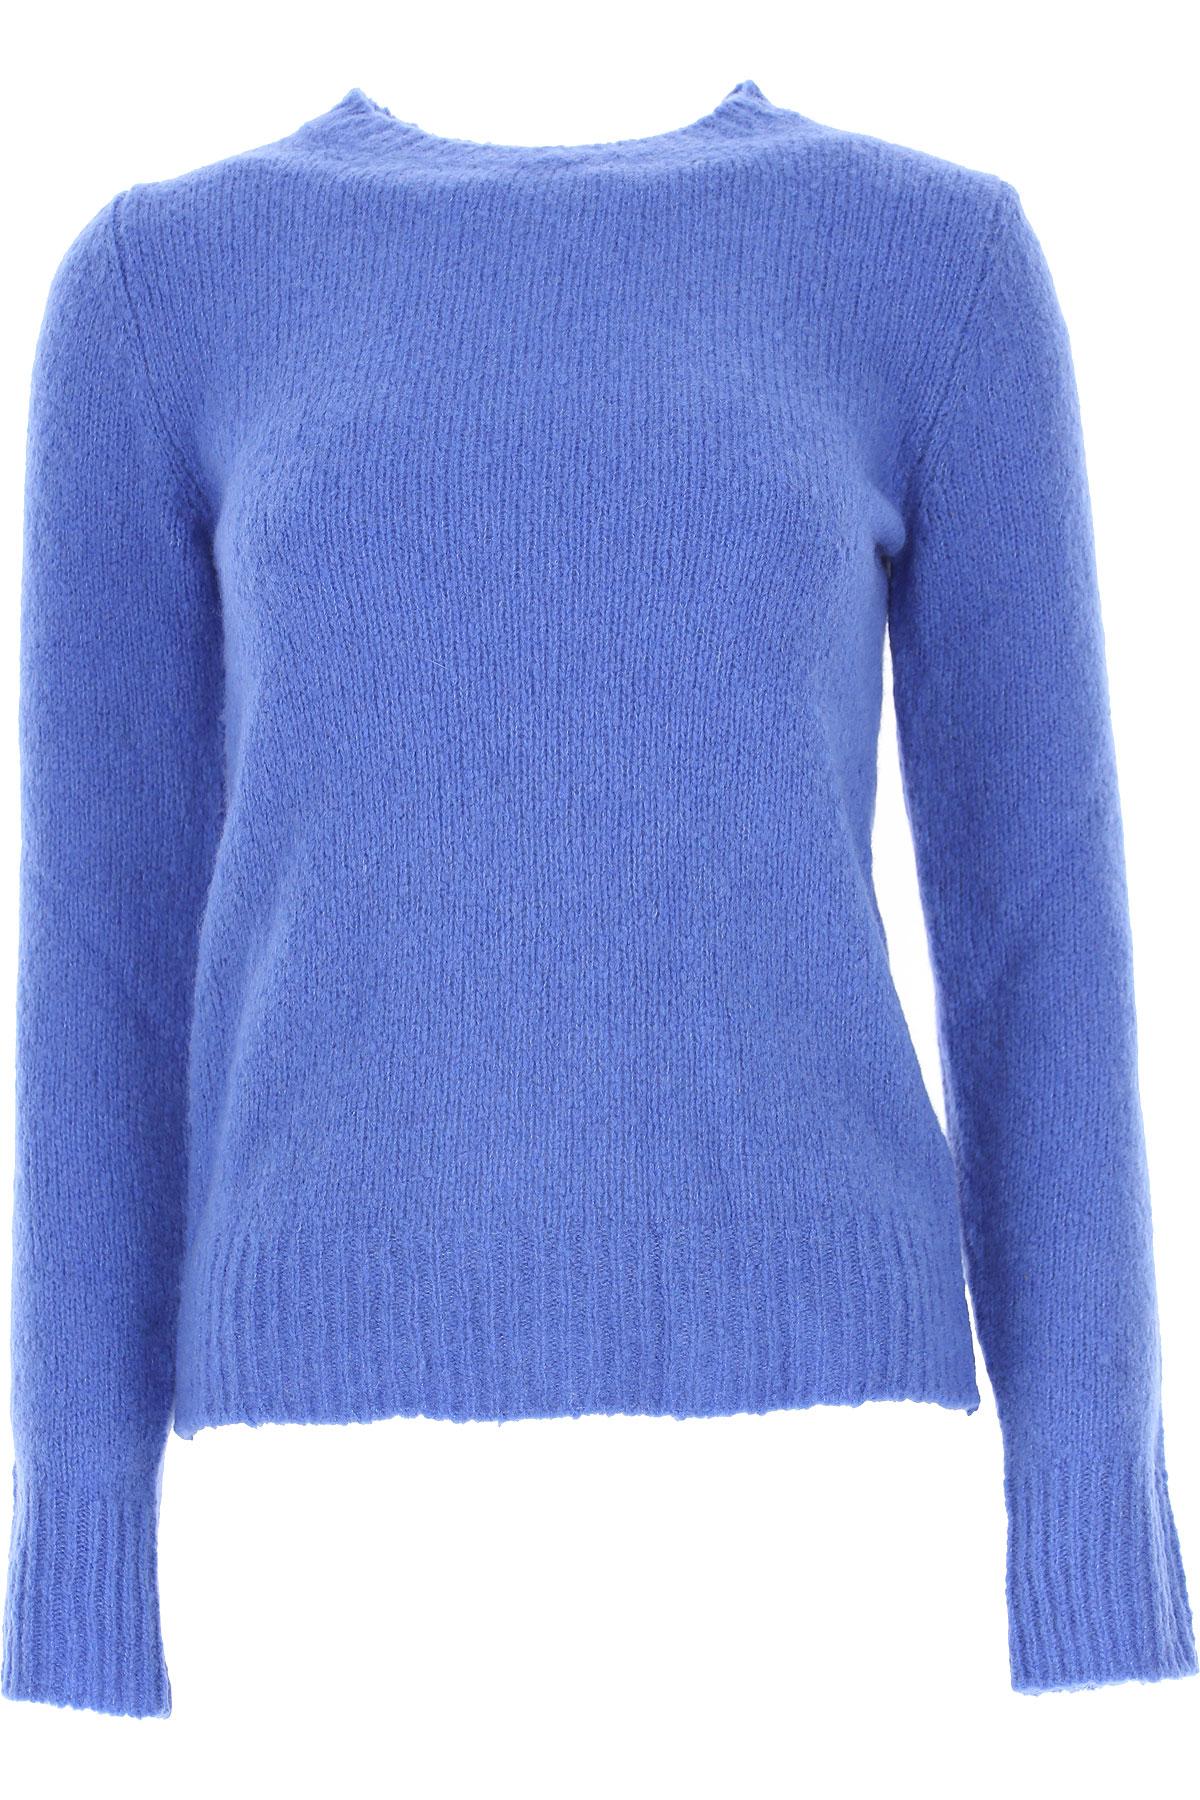 Jucca Sweater for Women Jumper On Sale, Cerulean, Virgin wool, 2019, 4 6